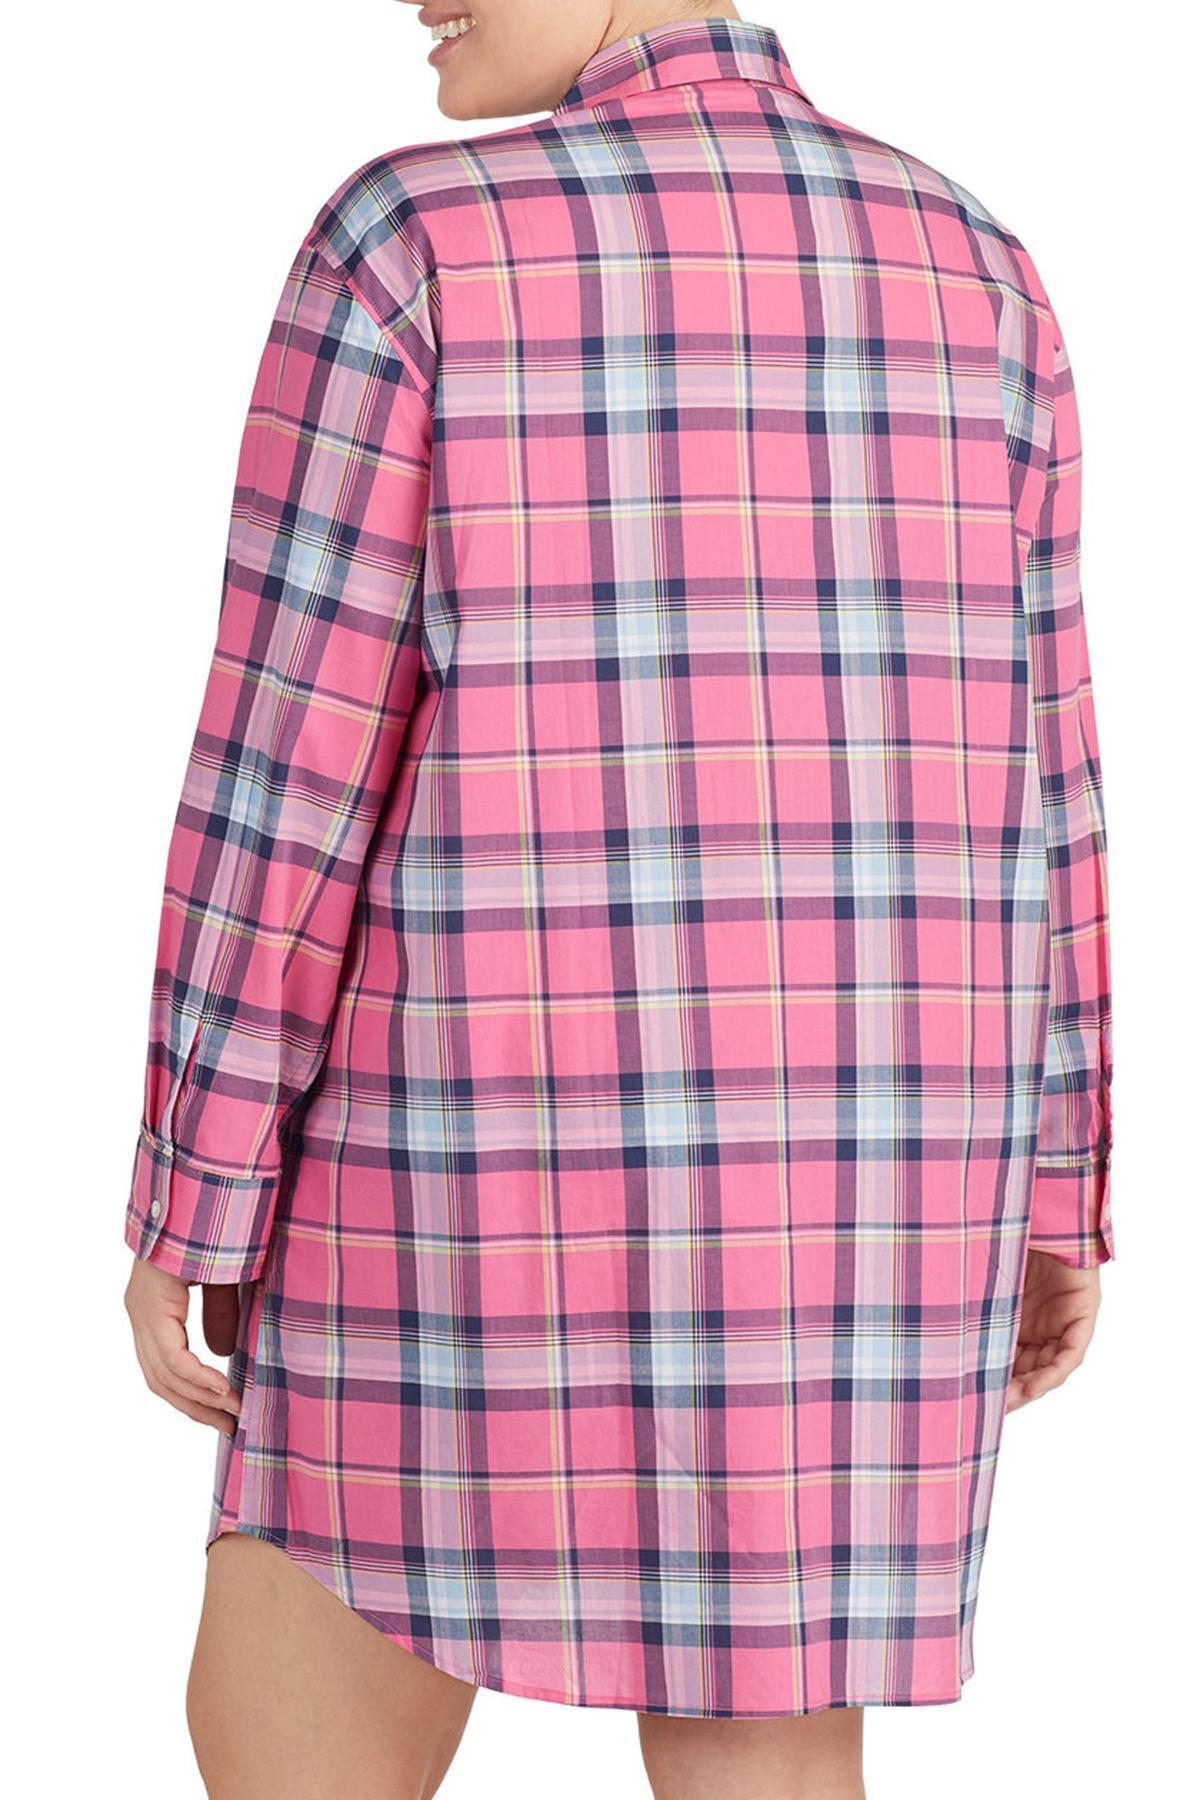 Lauren by Ralph Lauren - Pink Plaid Sleep Shirt (plus Size) - Lyst. View  fullscreen 2269bac1b